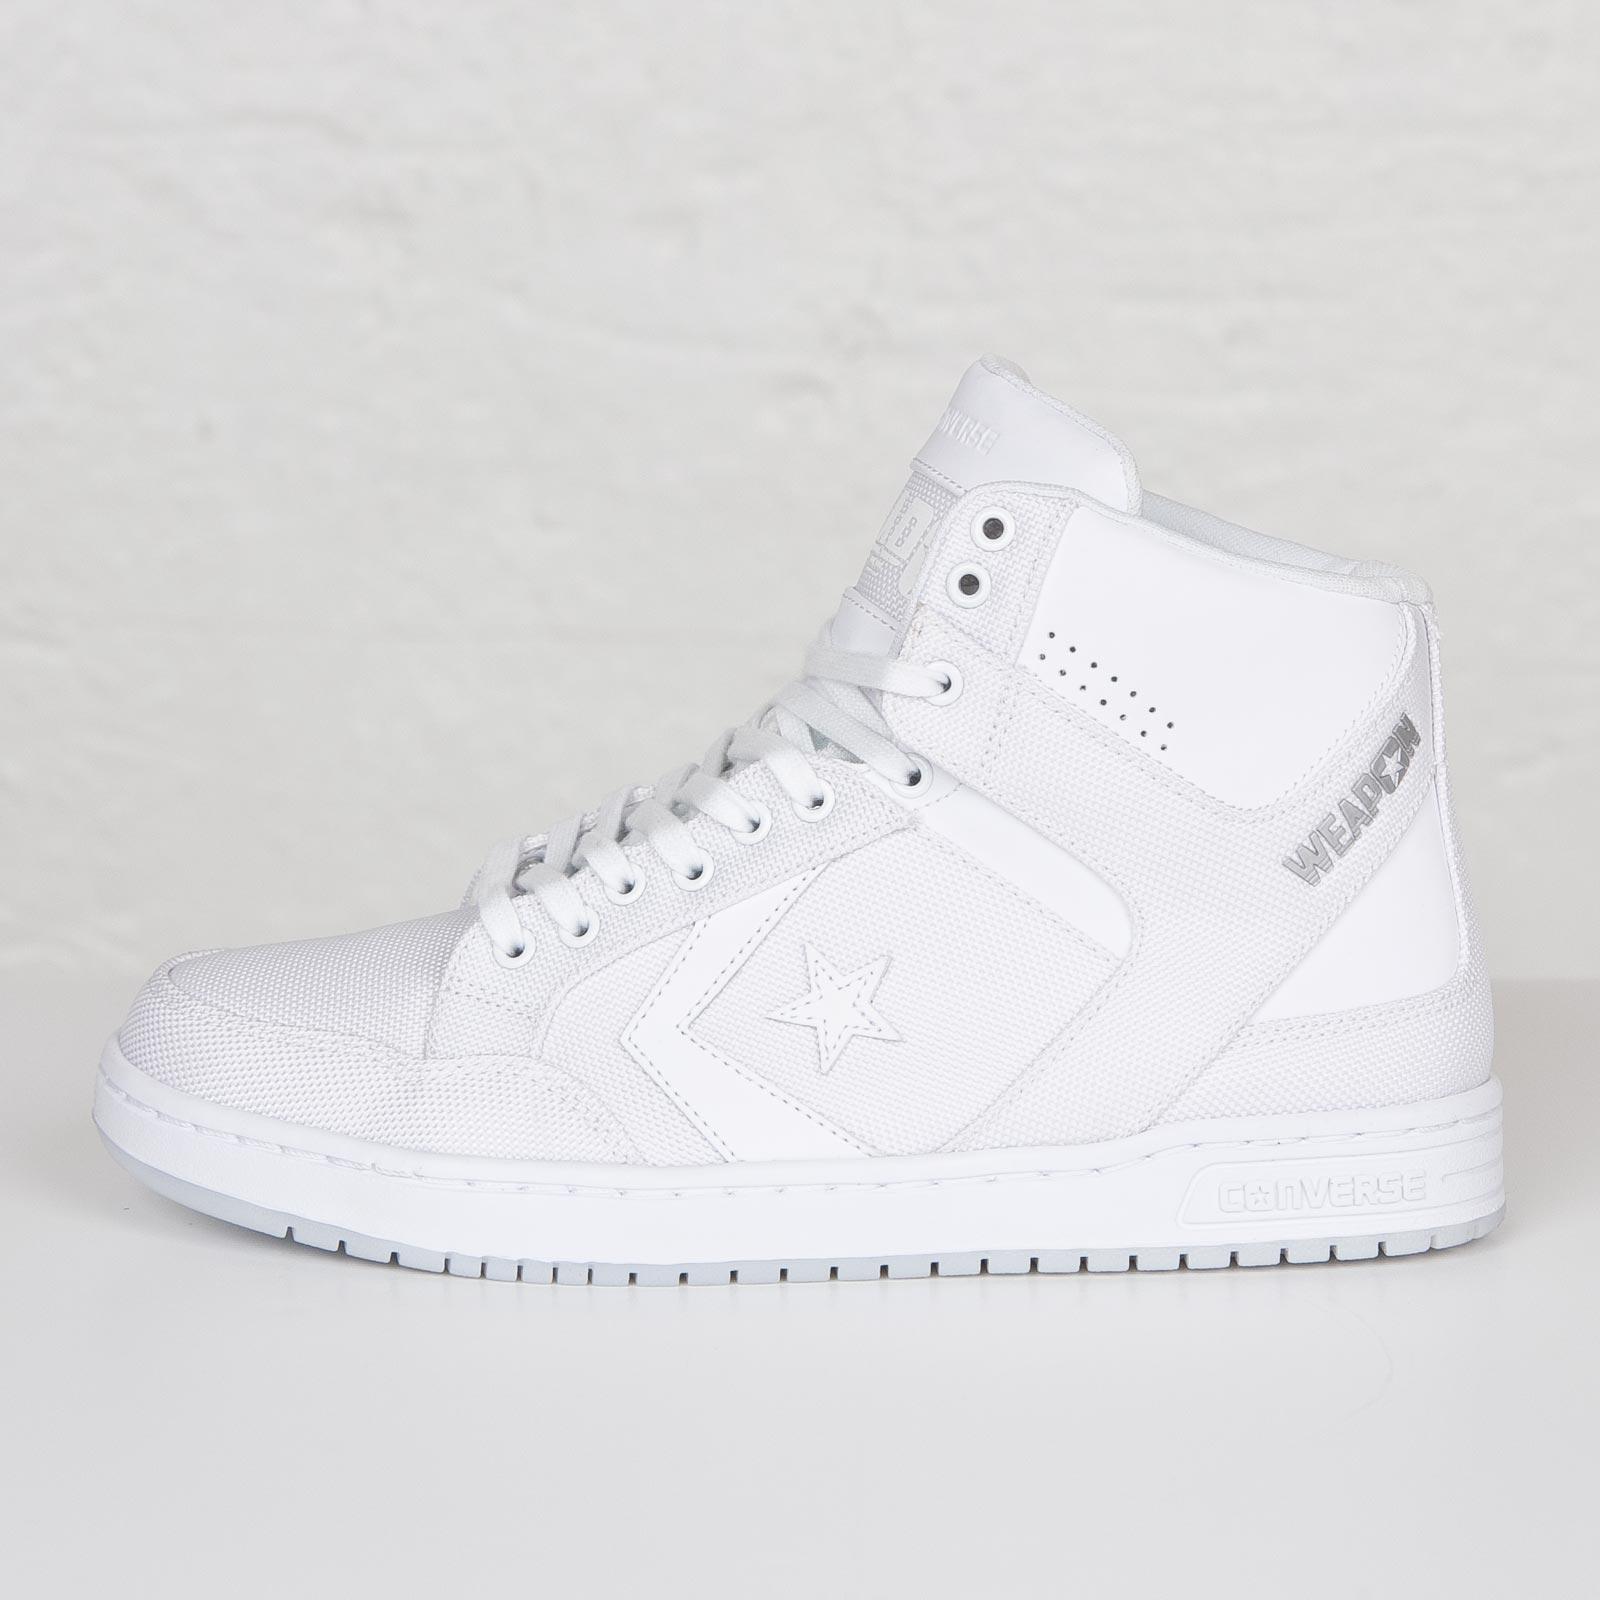 c07591cd4e0 Converse Weapon mid - 147472c - Sneakersnstuff | sneakers & streetwear  online since 1999